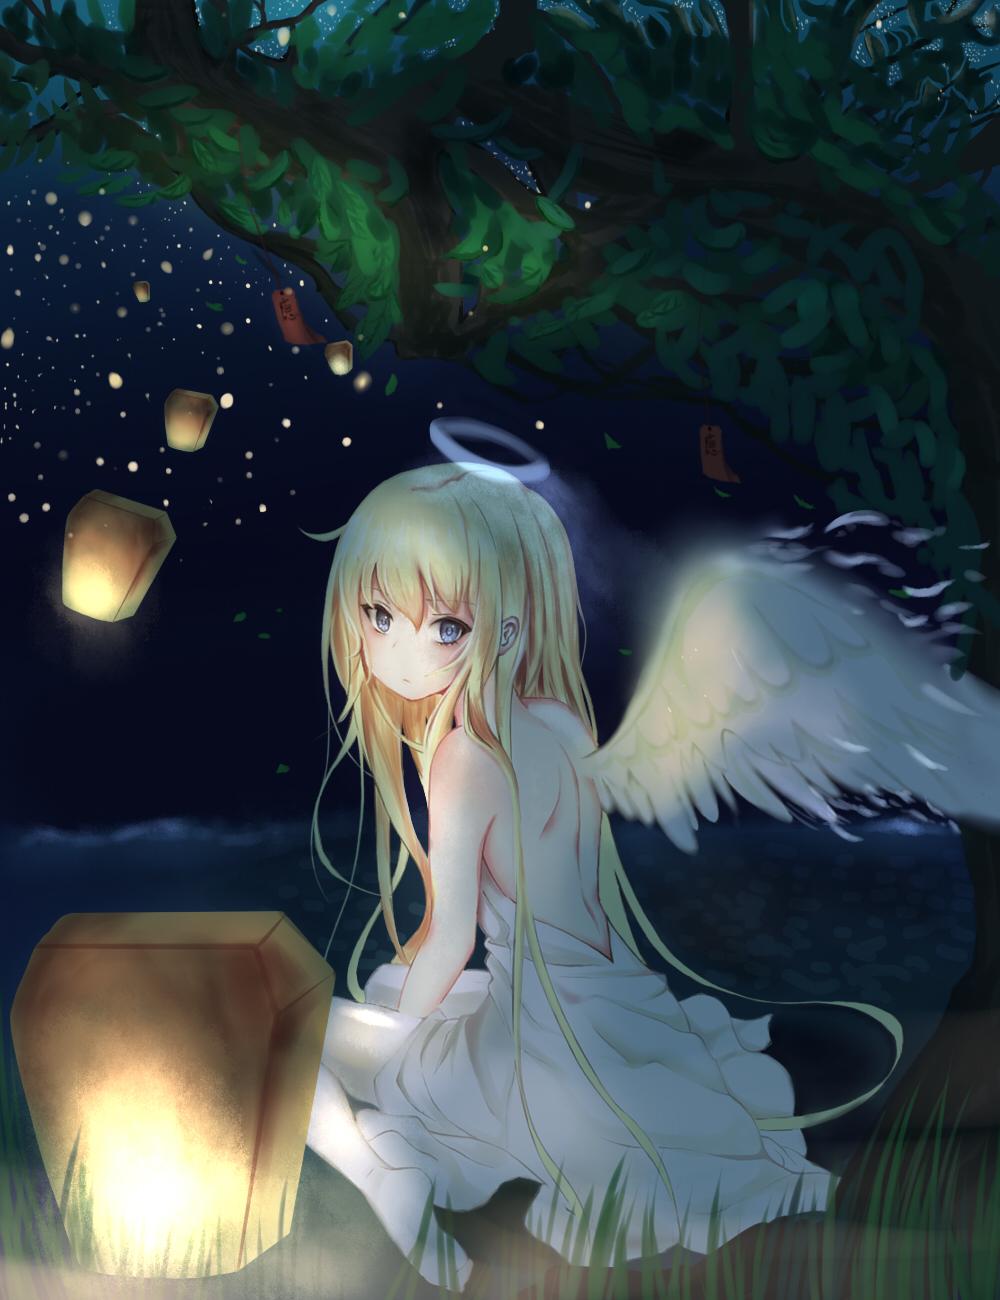 Wallpaper Angel Night Anime Girls Gabriel Dropout Gabriel White Tenma Fan Art 1000x1300 Delta 1249939 Hd Wallpapers Wallhere